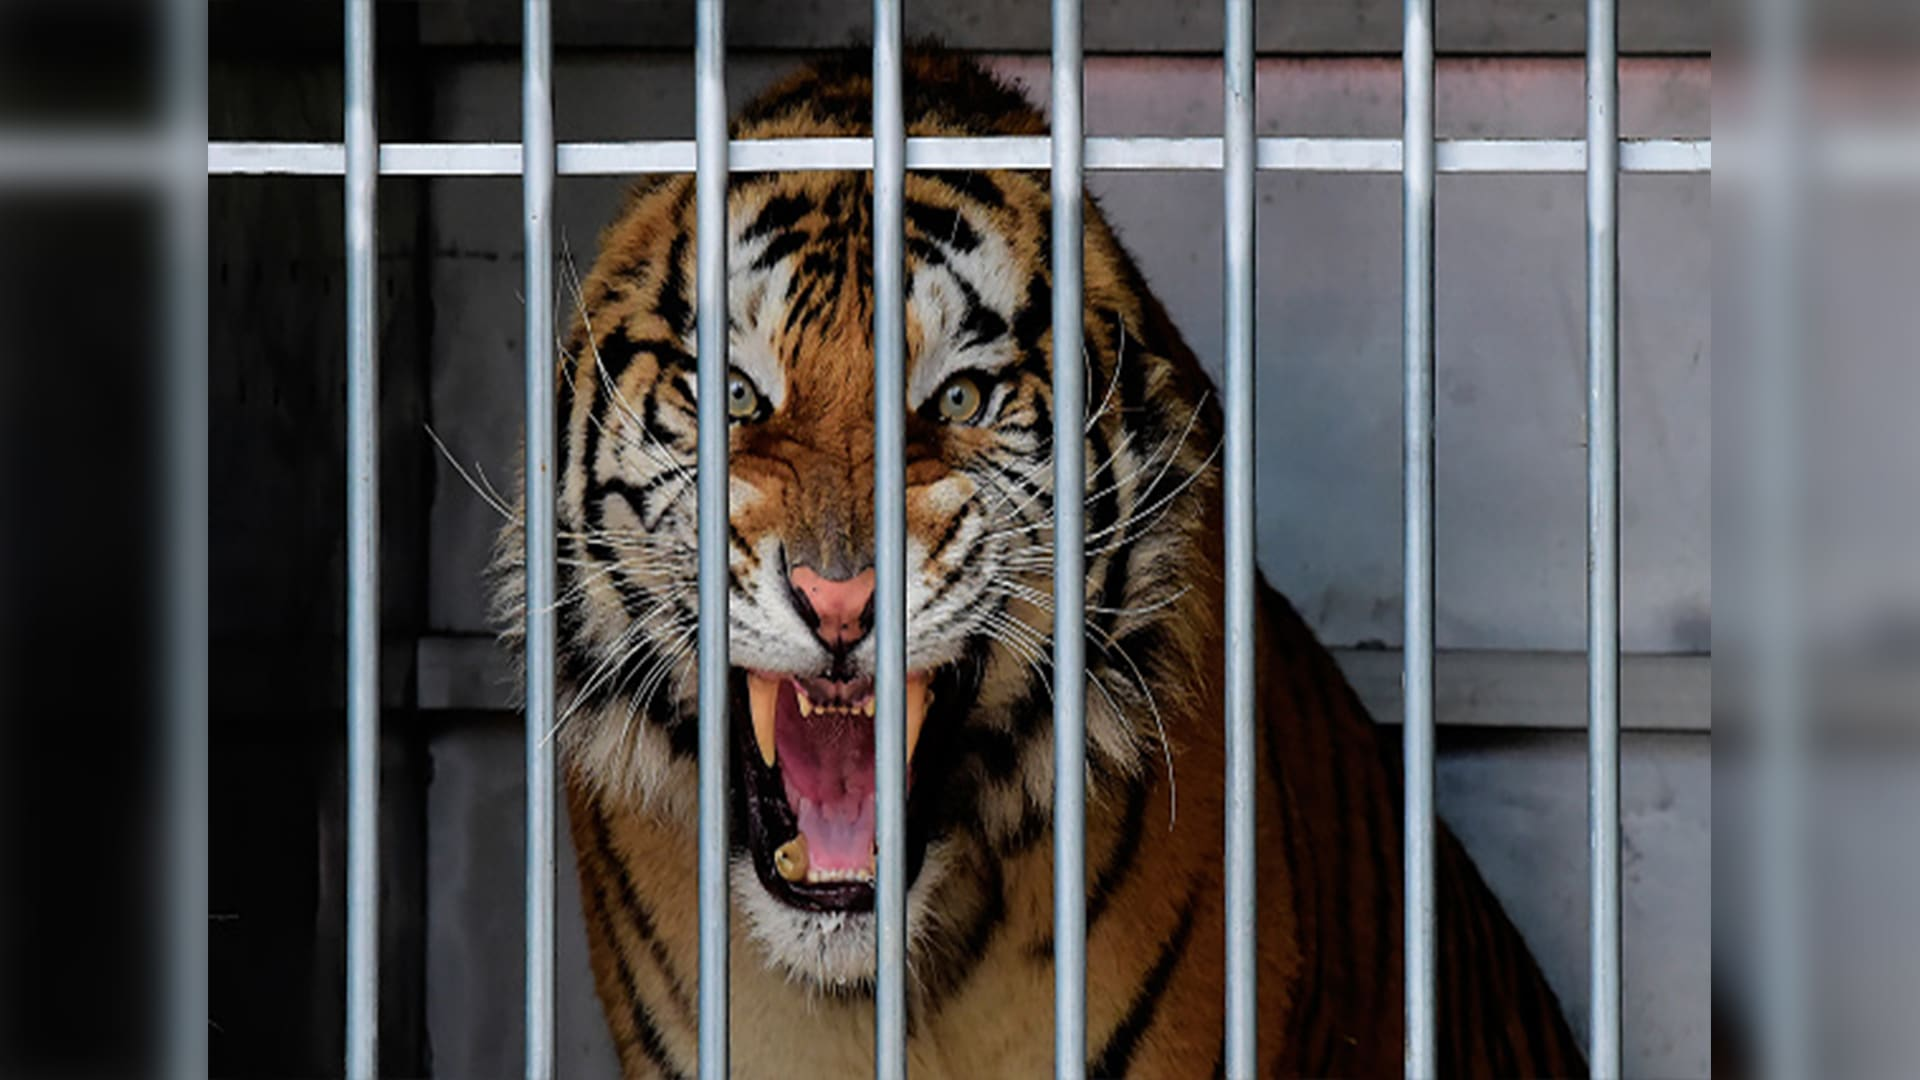 مقطع فيديو مرعب لنمر يفترس شاب بحديقة الحيوان في الرياض يثير الجدل